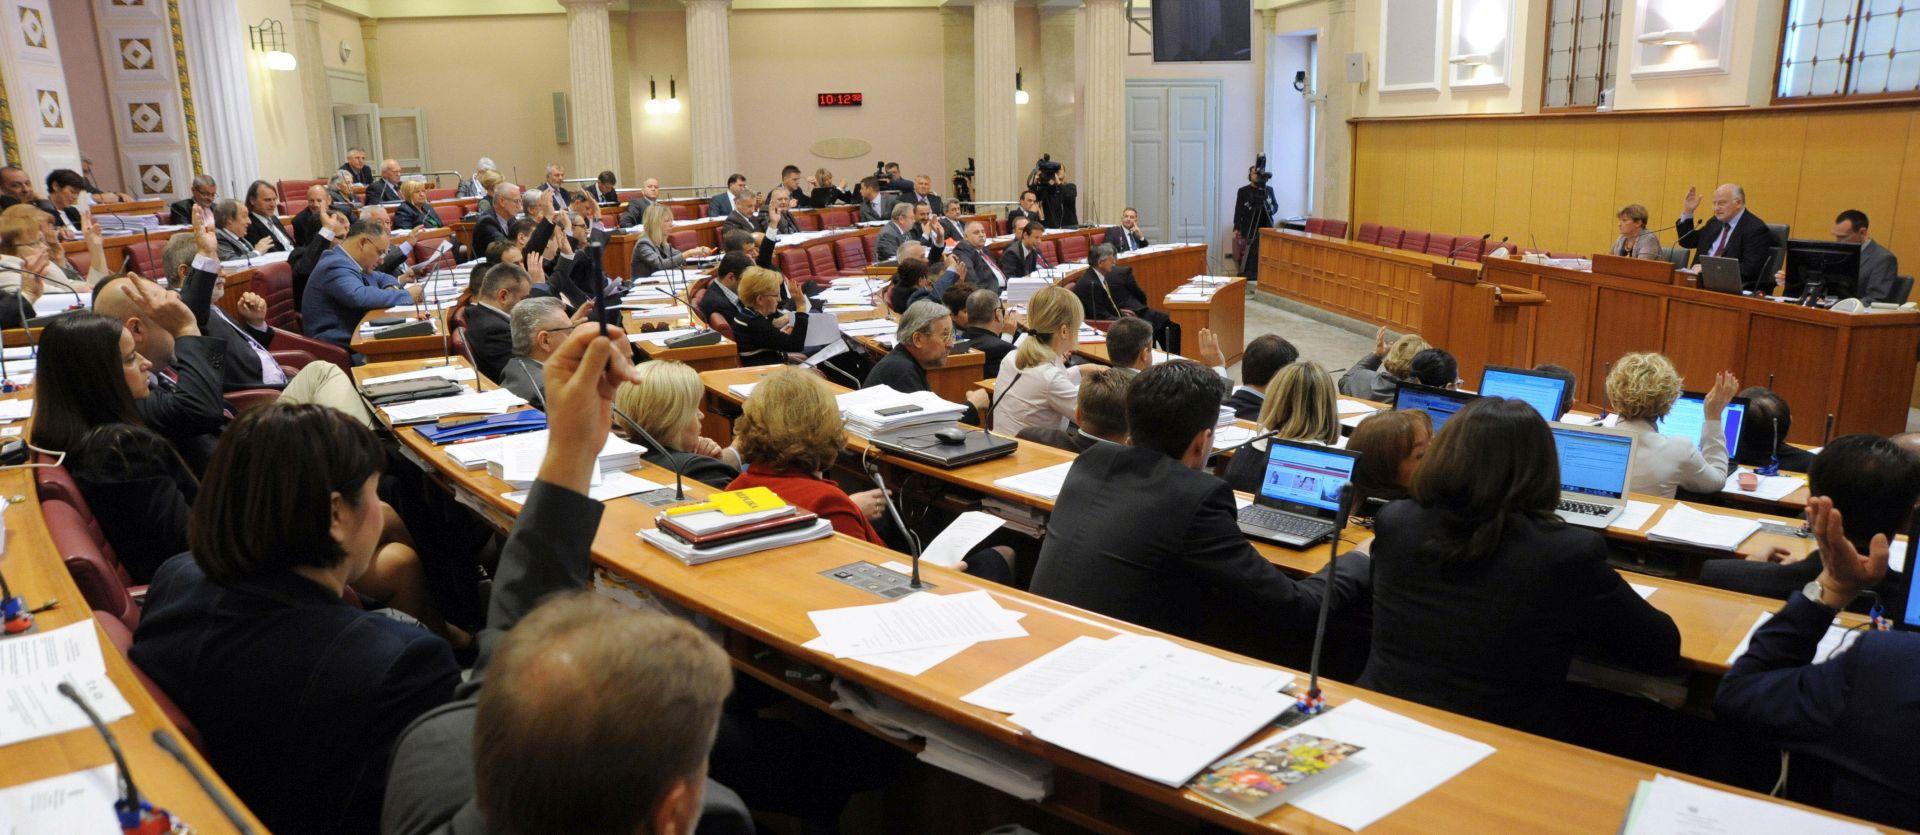 Sabor rad u srijedu nastavlja glasovanjem